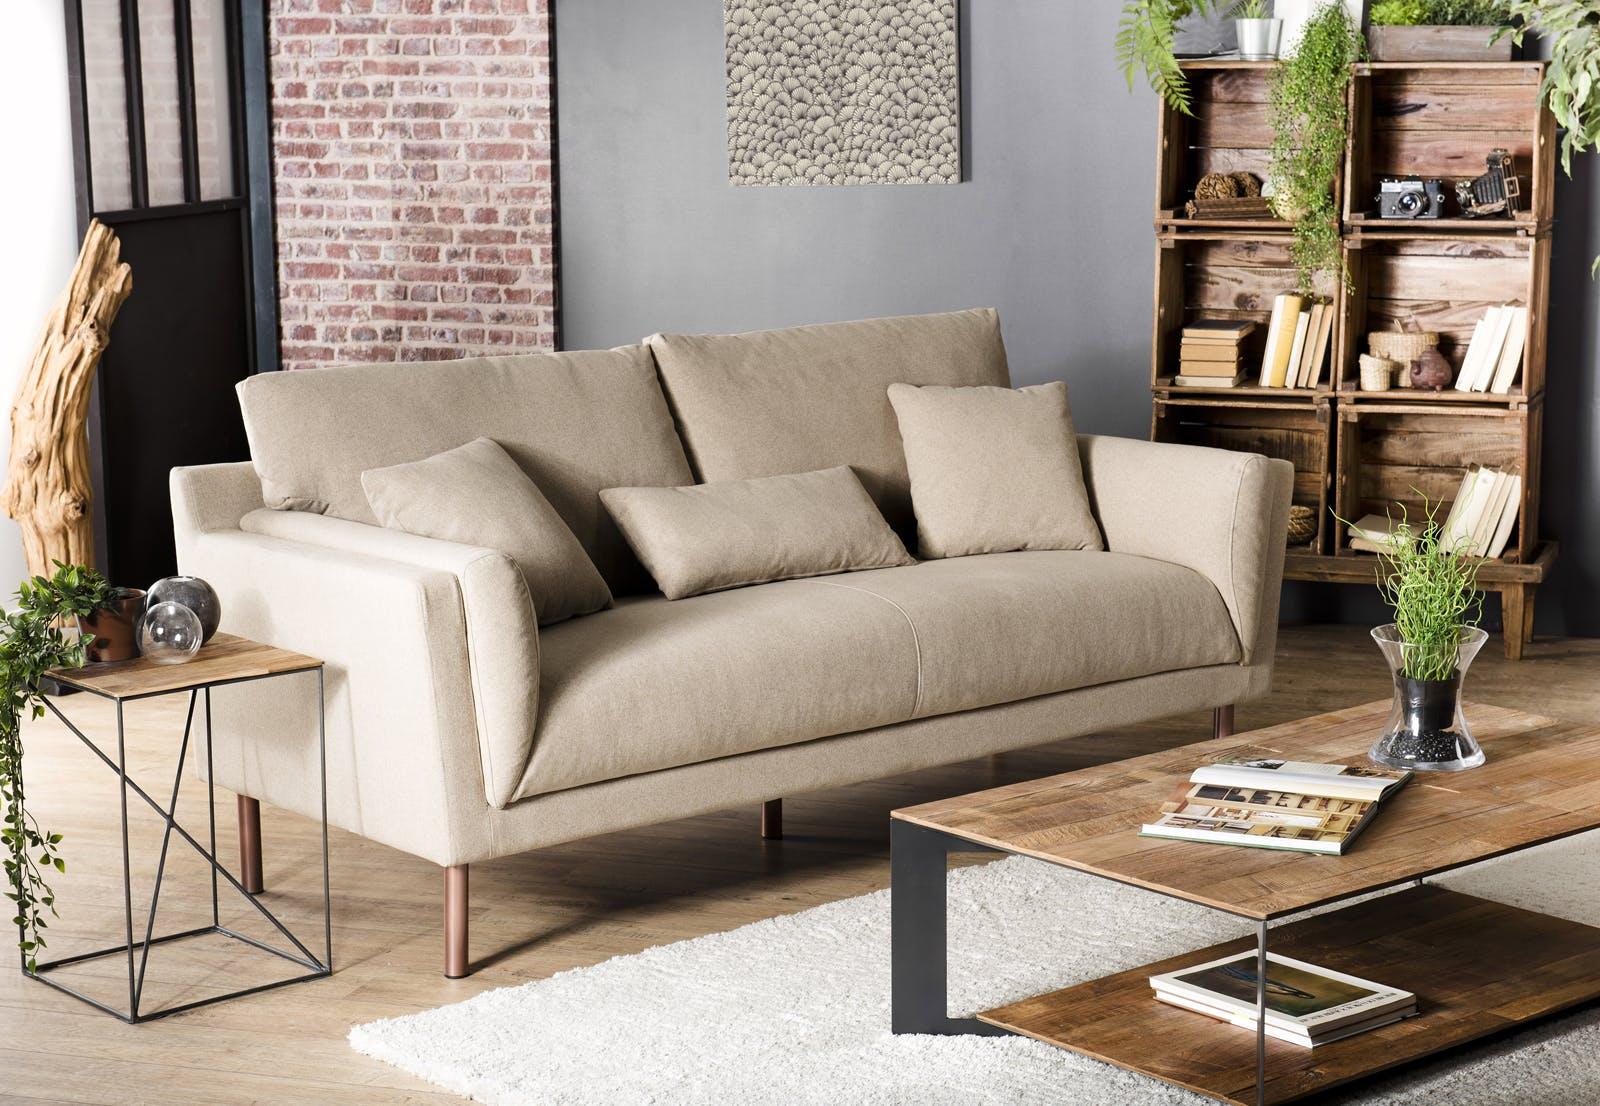 Canapé 3 places tissu écru beige STOCKHOLM